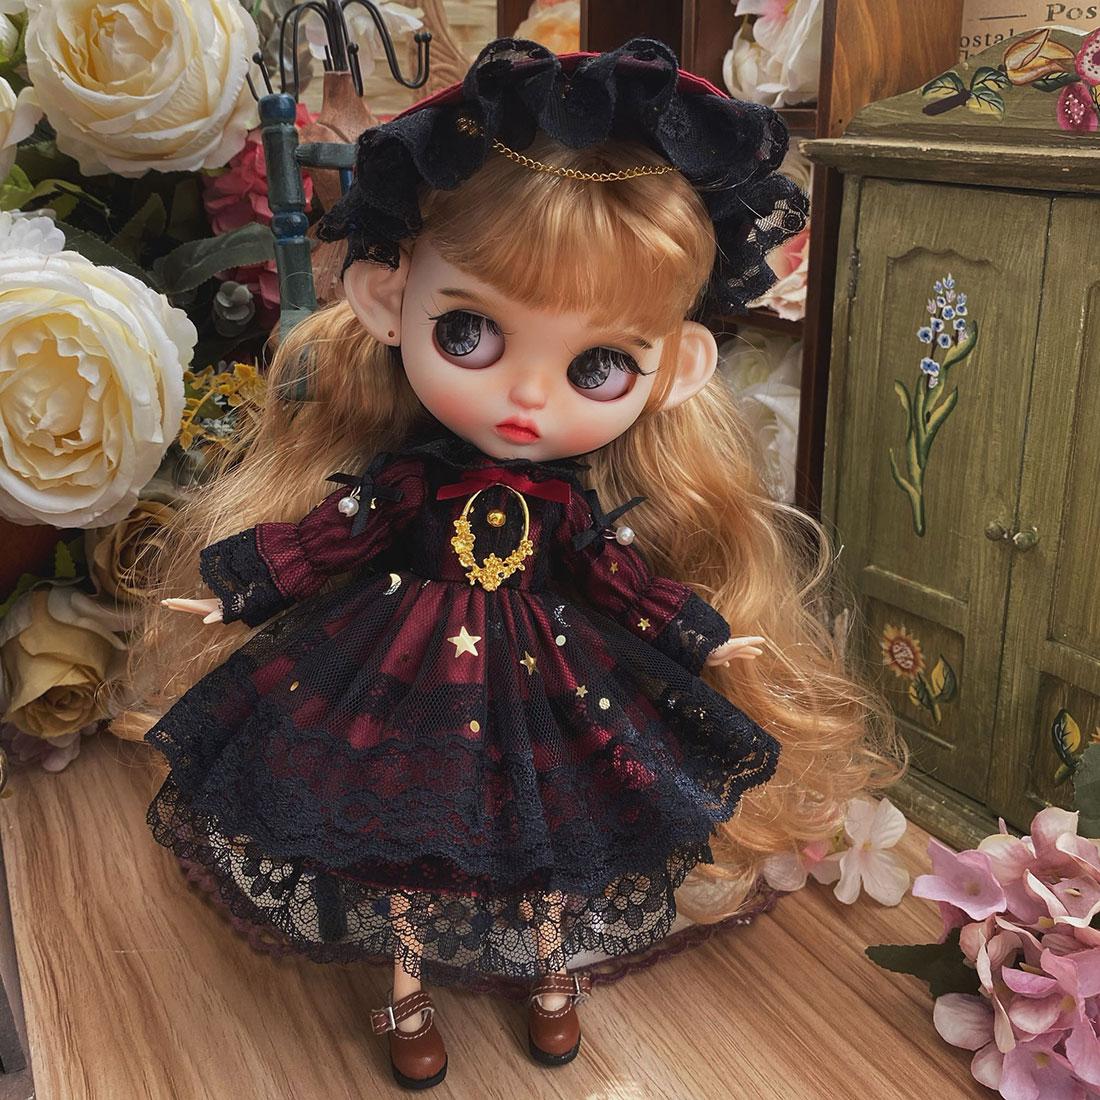 Modikerbjd retro royal court preto vermelho gauzy vestido para blyth boneca-sem boneca